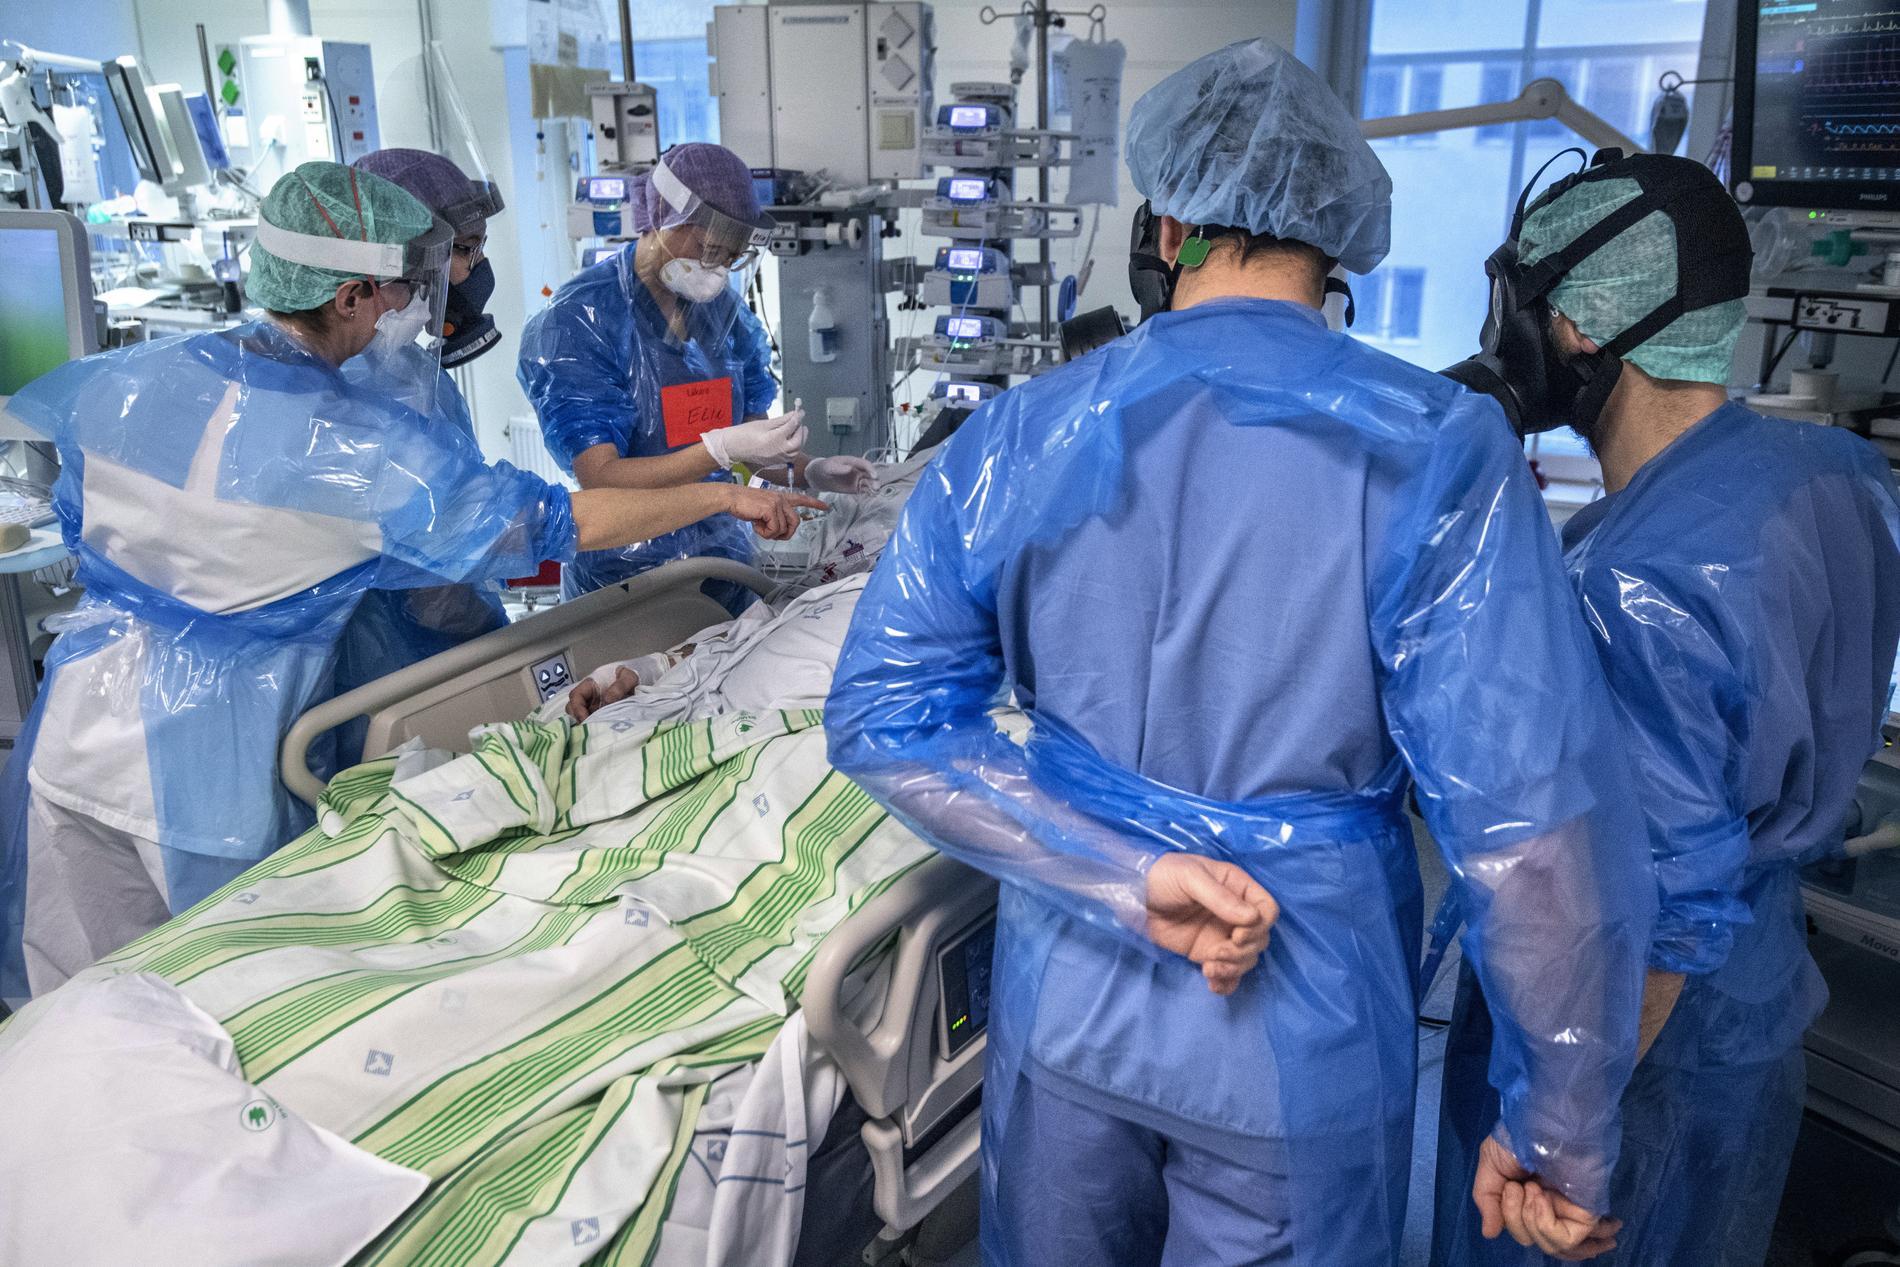 Bilden är tagen vid Norrlands universitetssjukhus i Umeå.